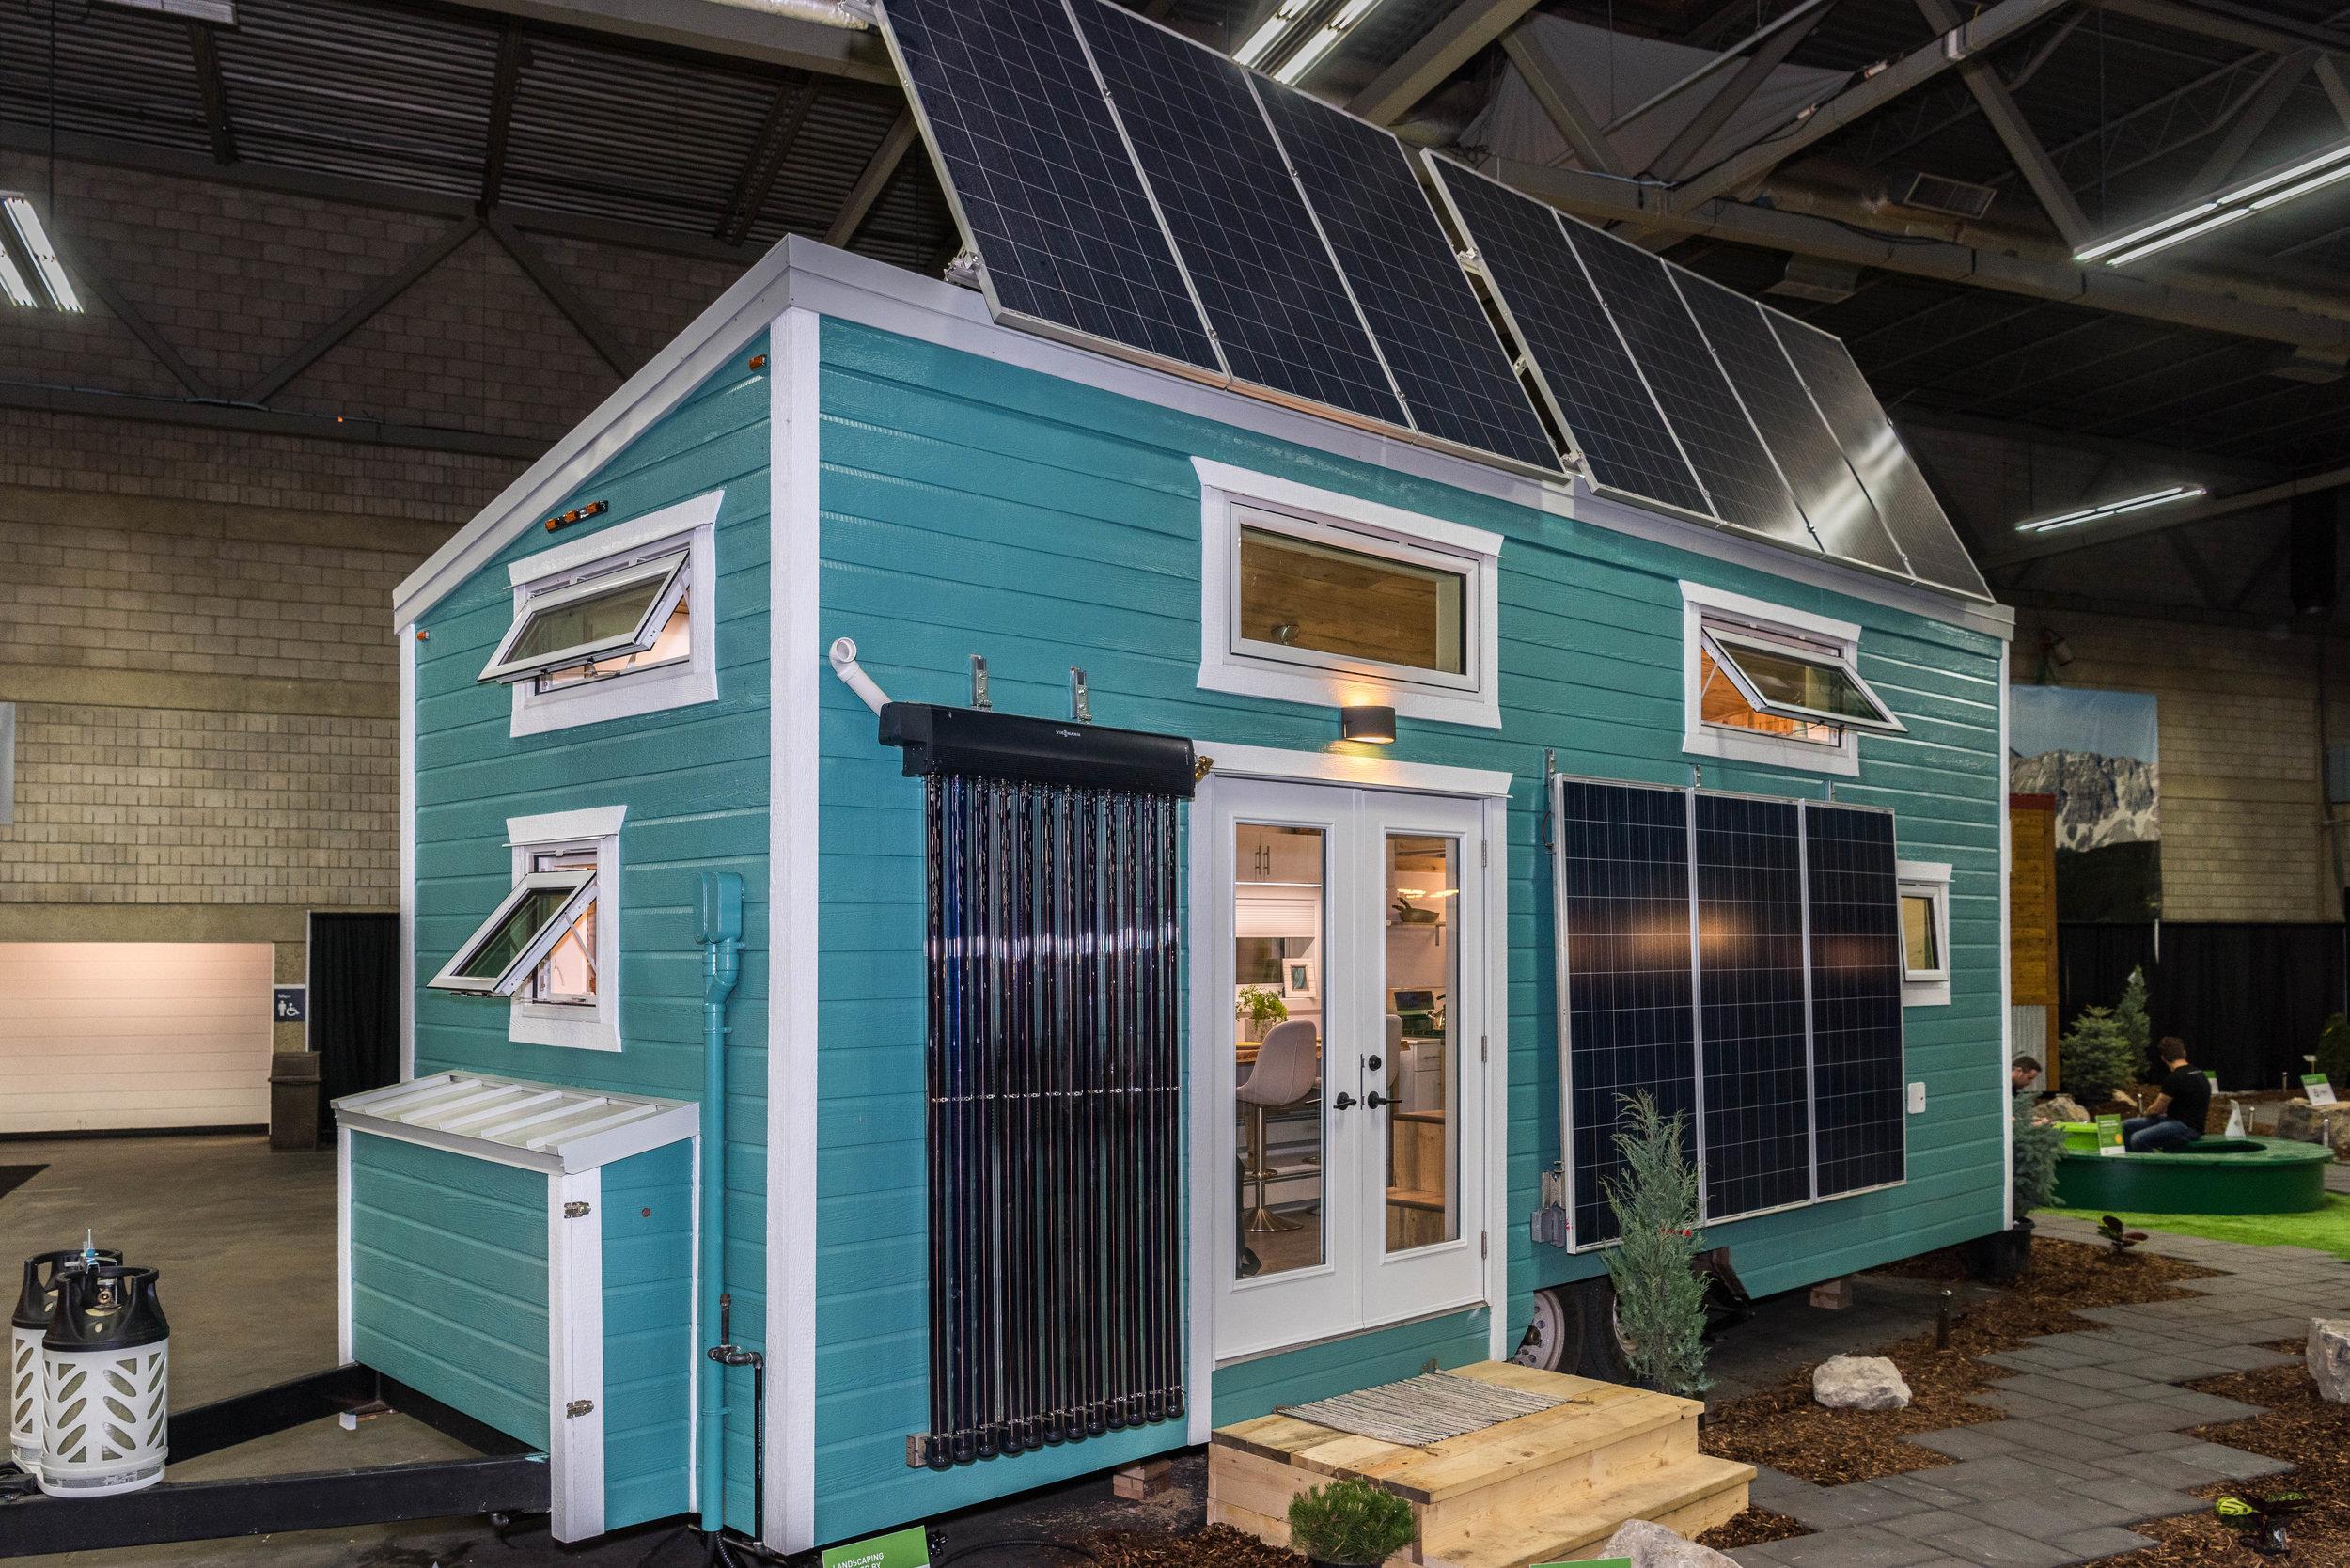 Tiny House Interior Design, Edmonton, Alberta, Home and Garden Show 2017